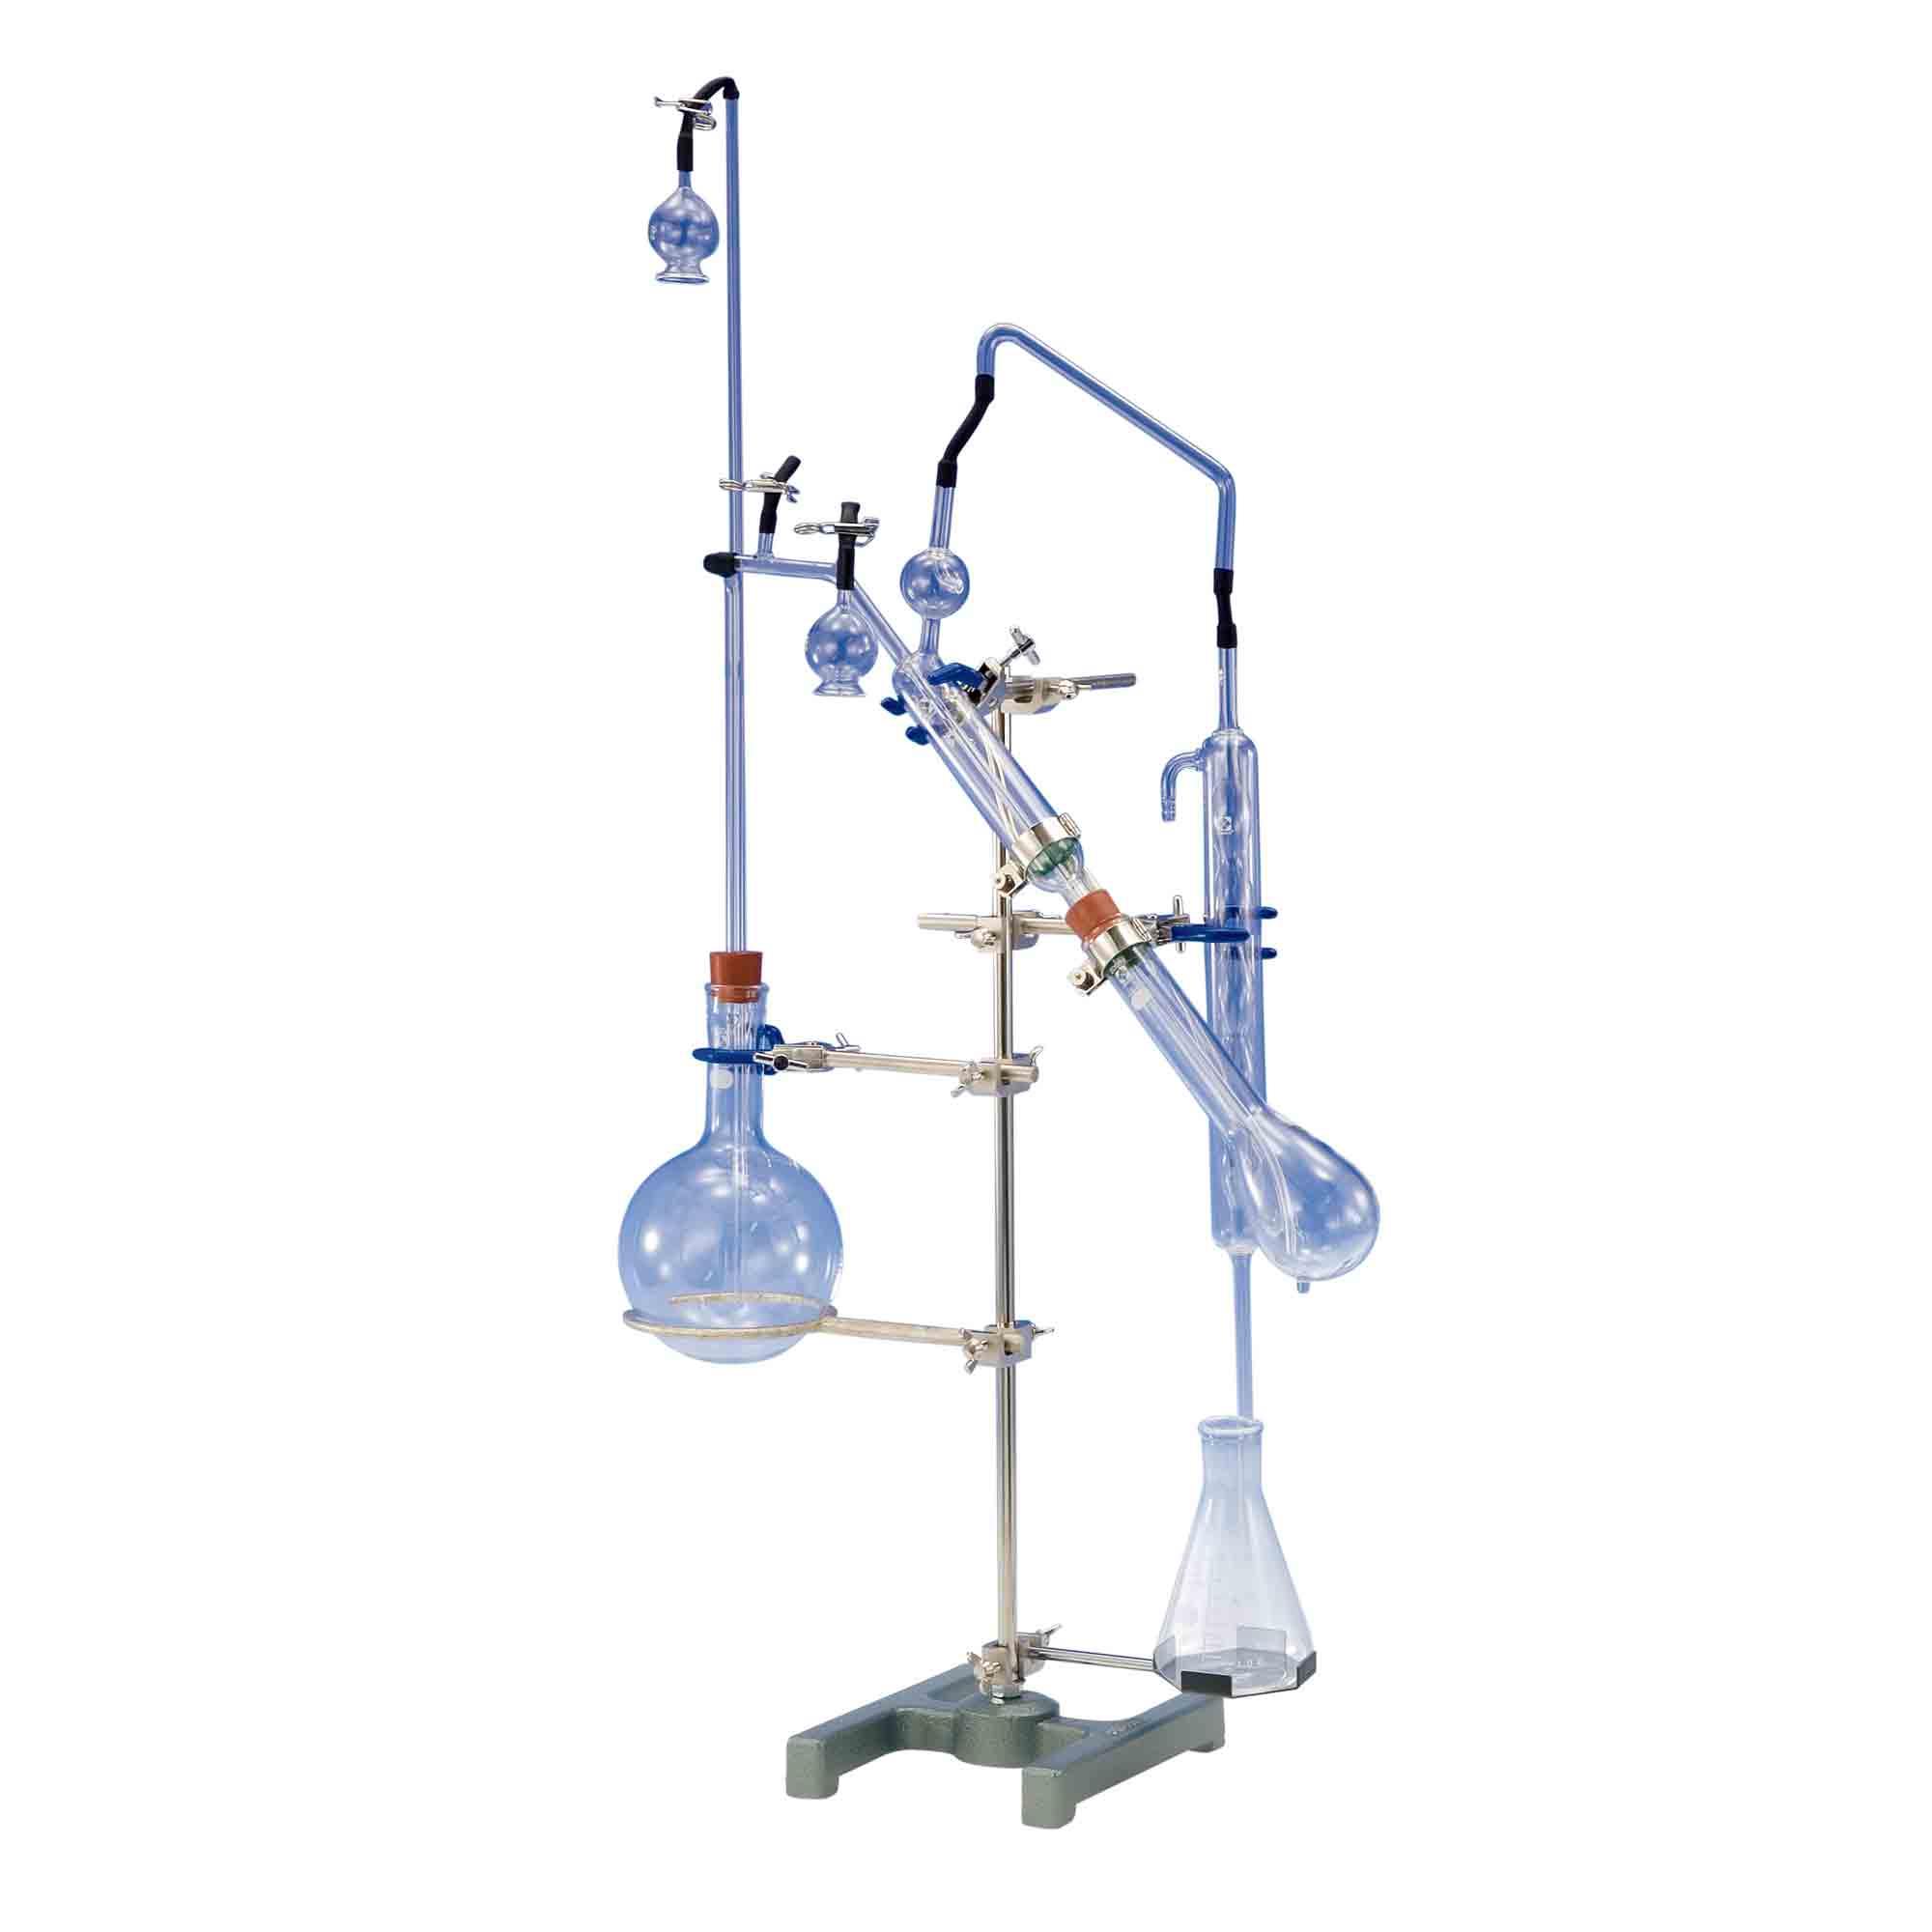 セミ・ミクロケルダール窒素蒸留装置 第17改正日本薬局方参考